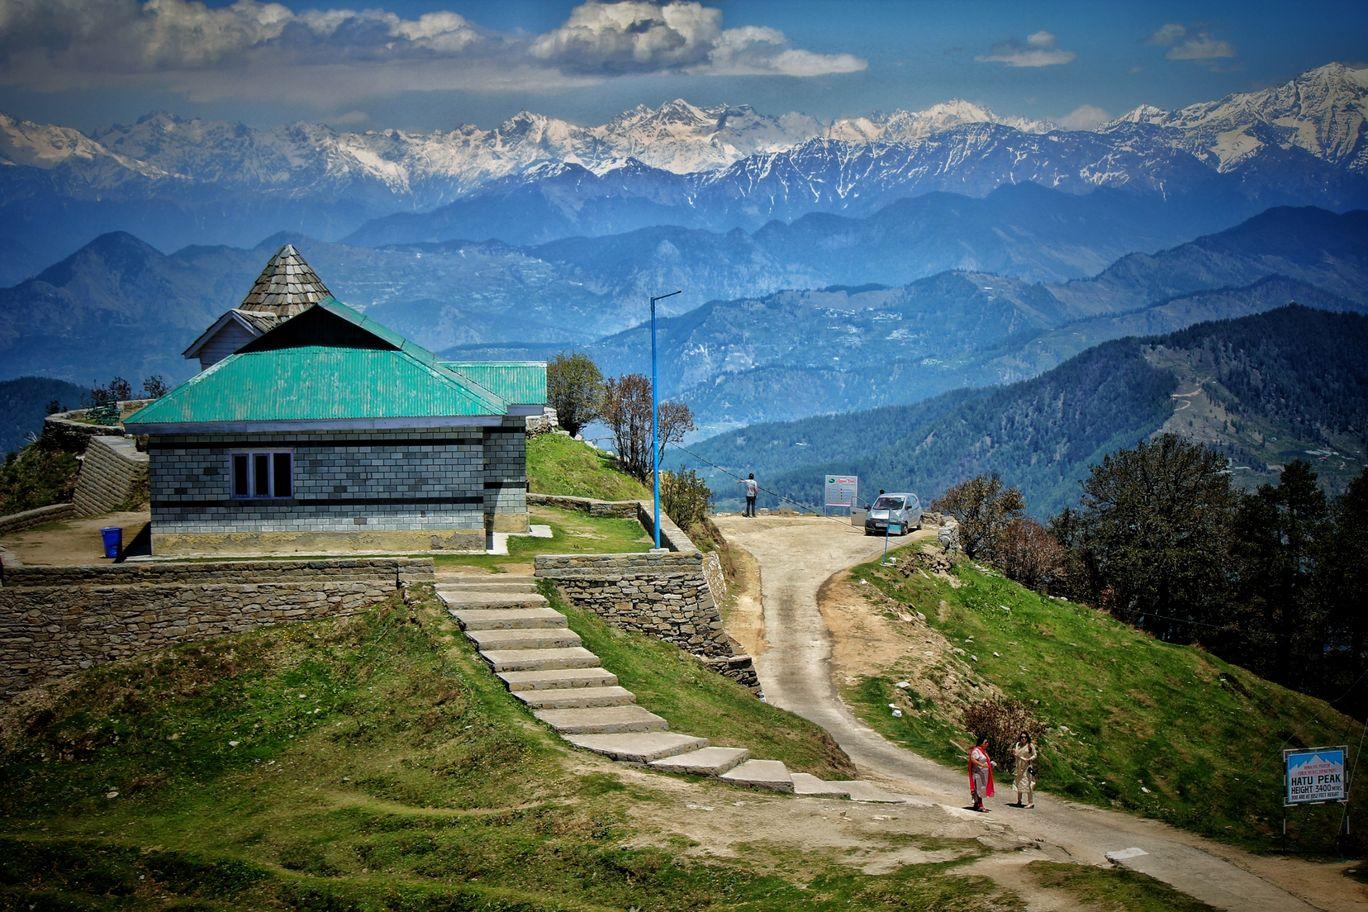 Photo of Hatu Peak By Dhivya Shetty